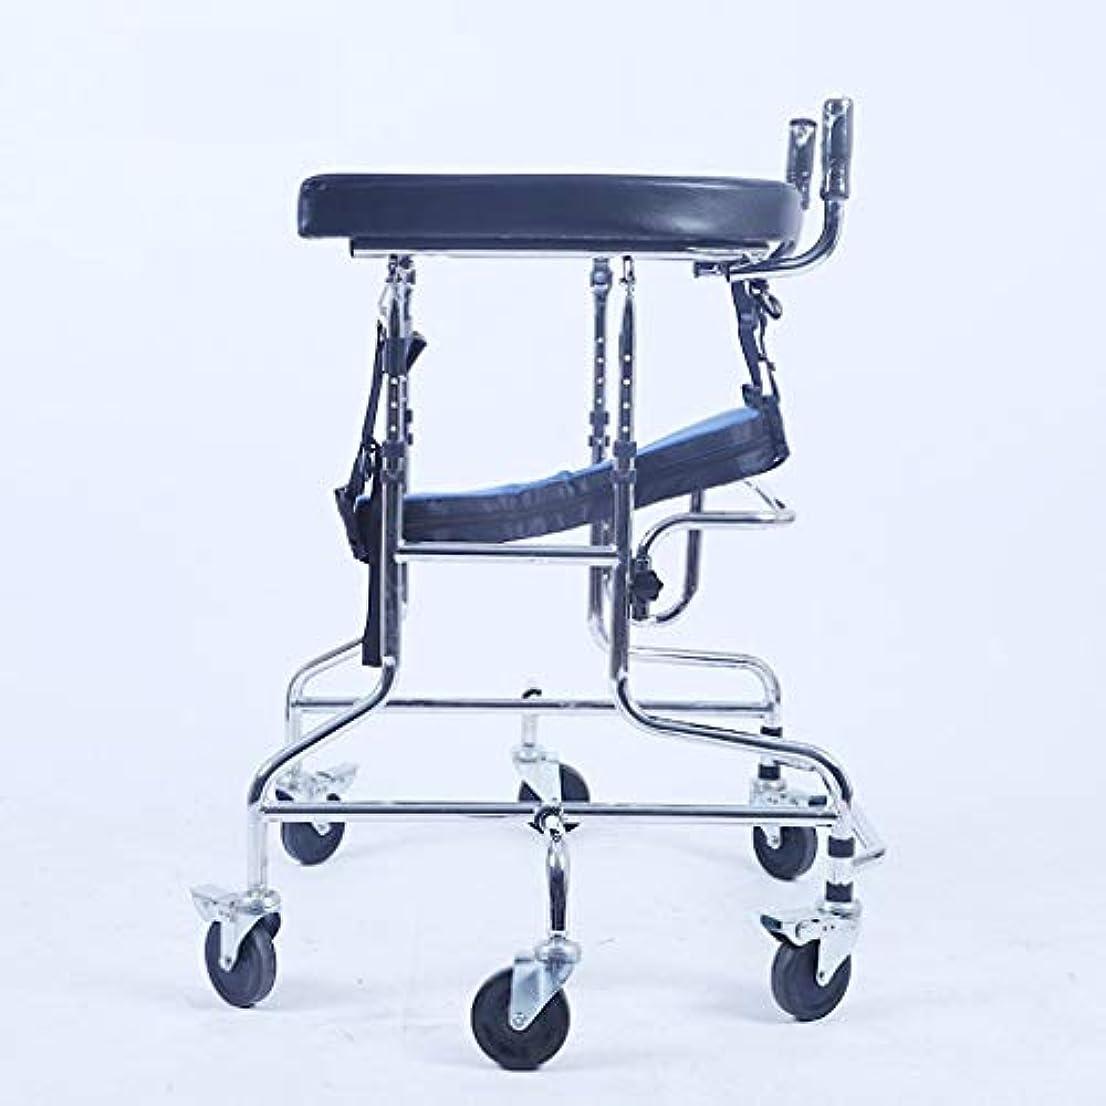 触手色フロンティア子供下肢トレーニング?リハビリ機器/リハビリ機器/スタンディングウォークスタンド/ウォークエイド/ウォーカー/スタンドホイール付きシートホイール(サイズ:C)